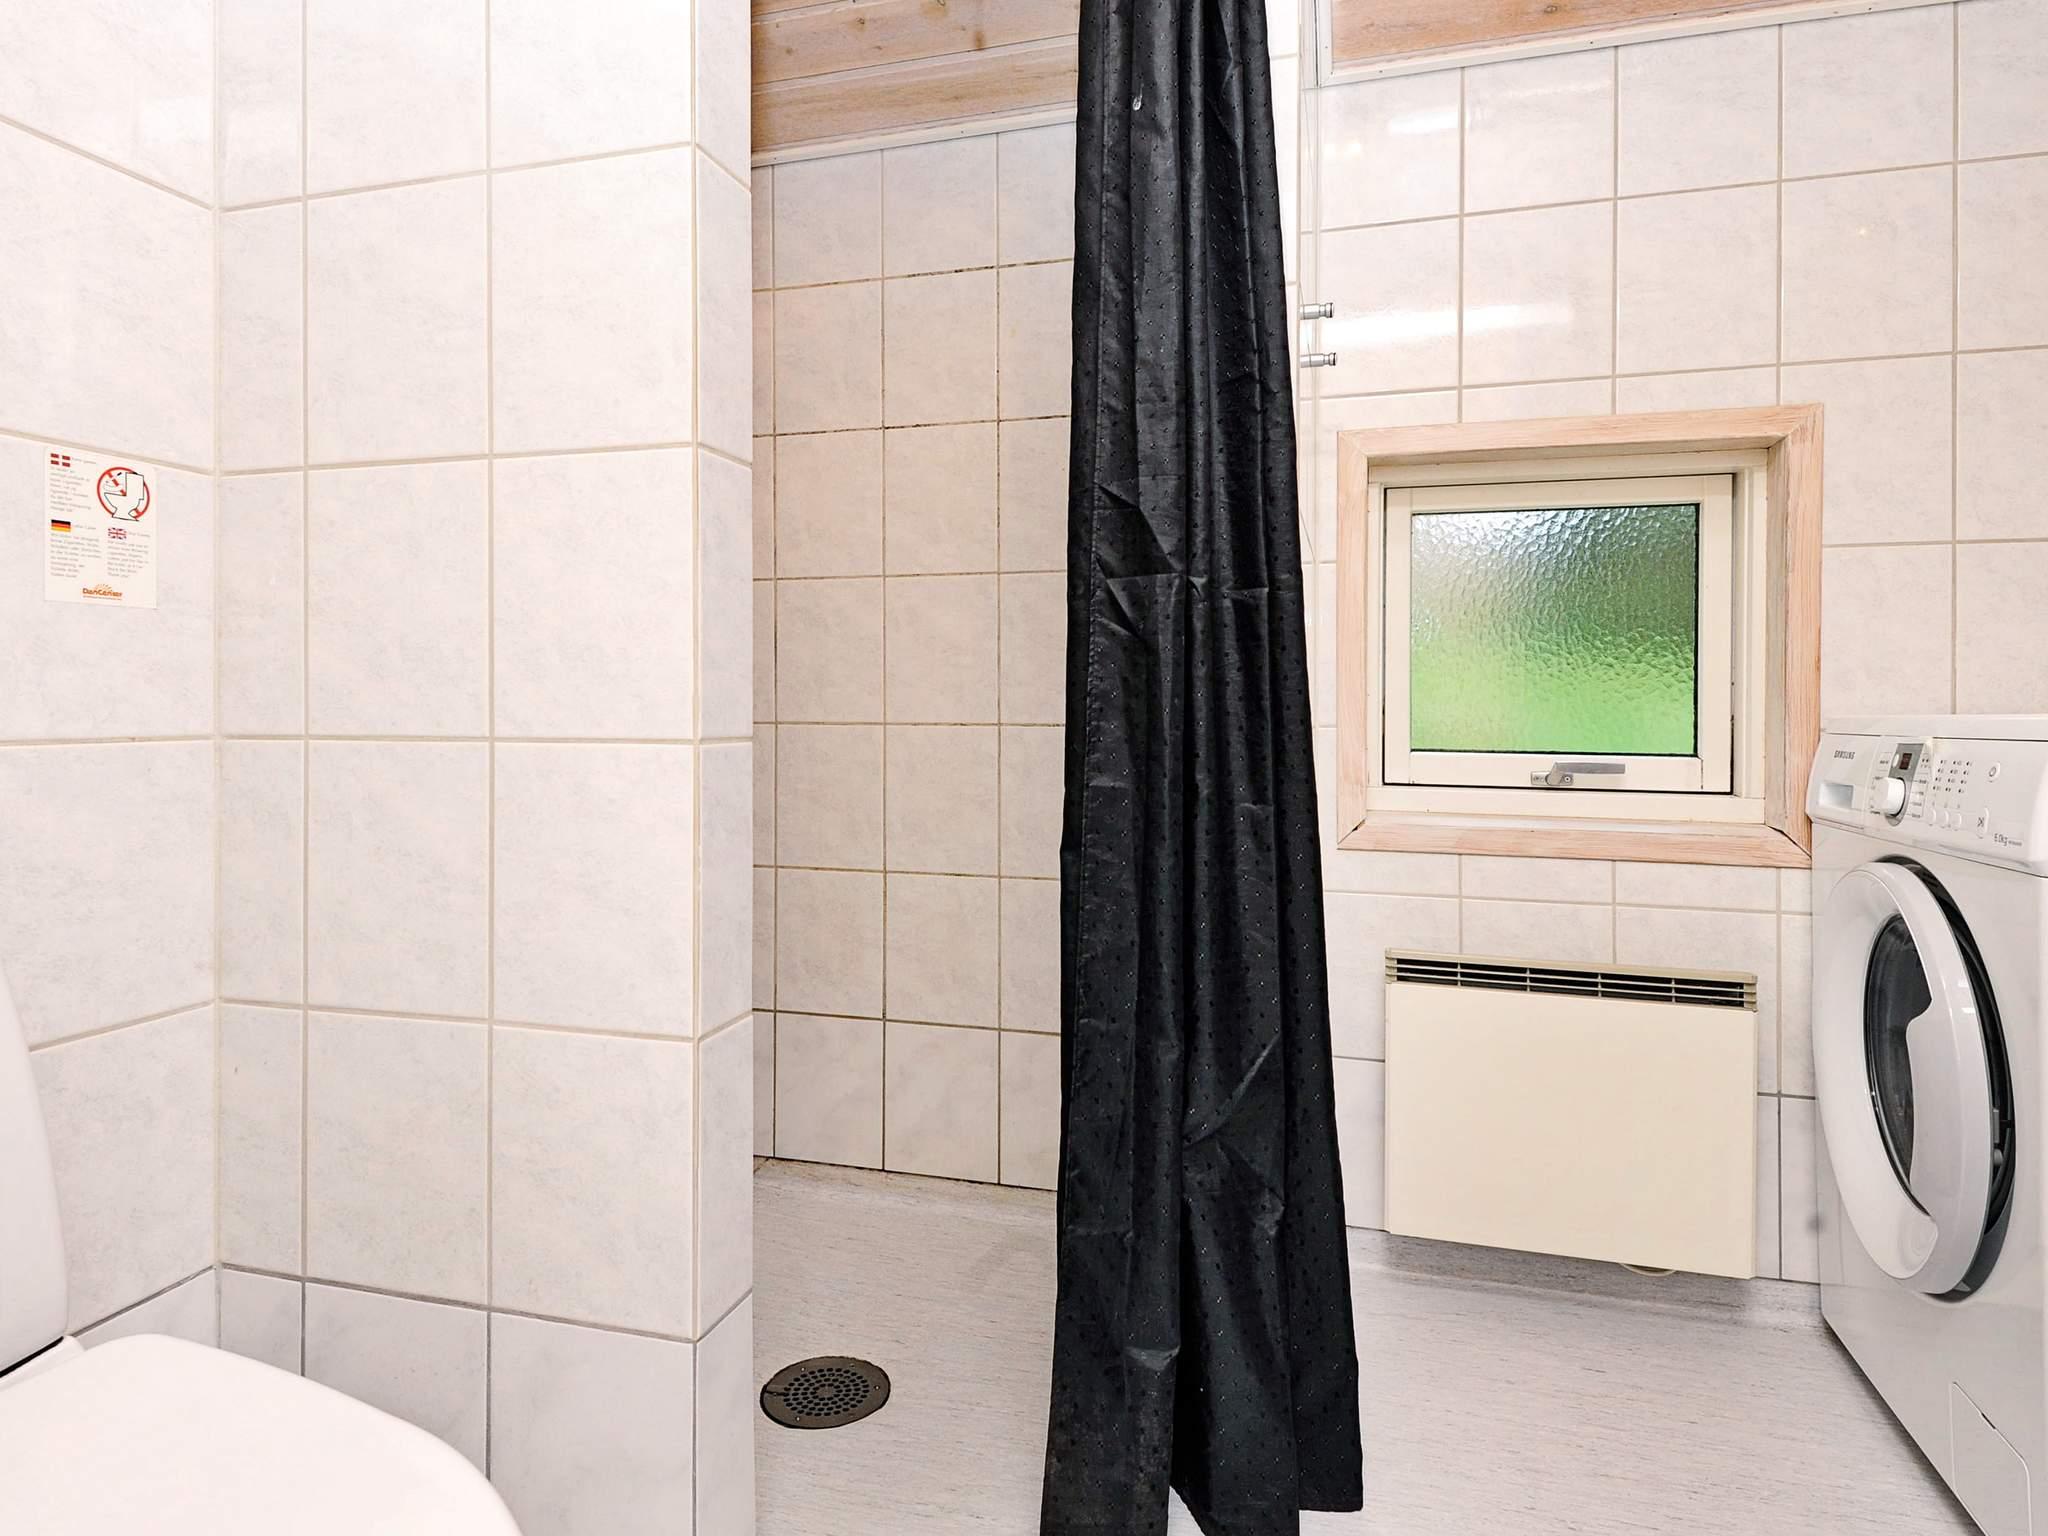 Ferienhaus Silkeborg (84068), Silkeborg, , Ostjütland, Dänemark, Bild 12